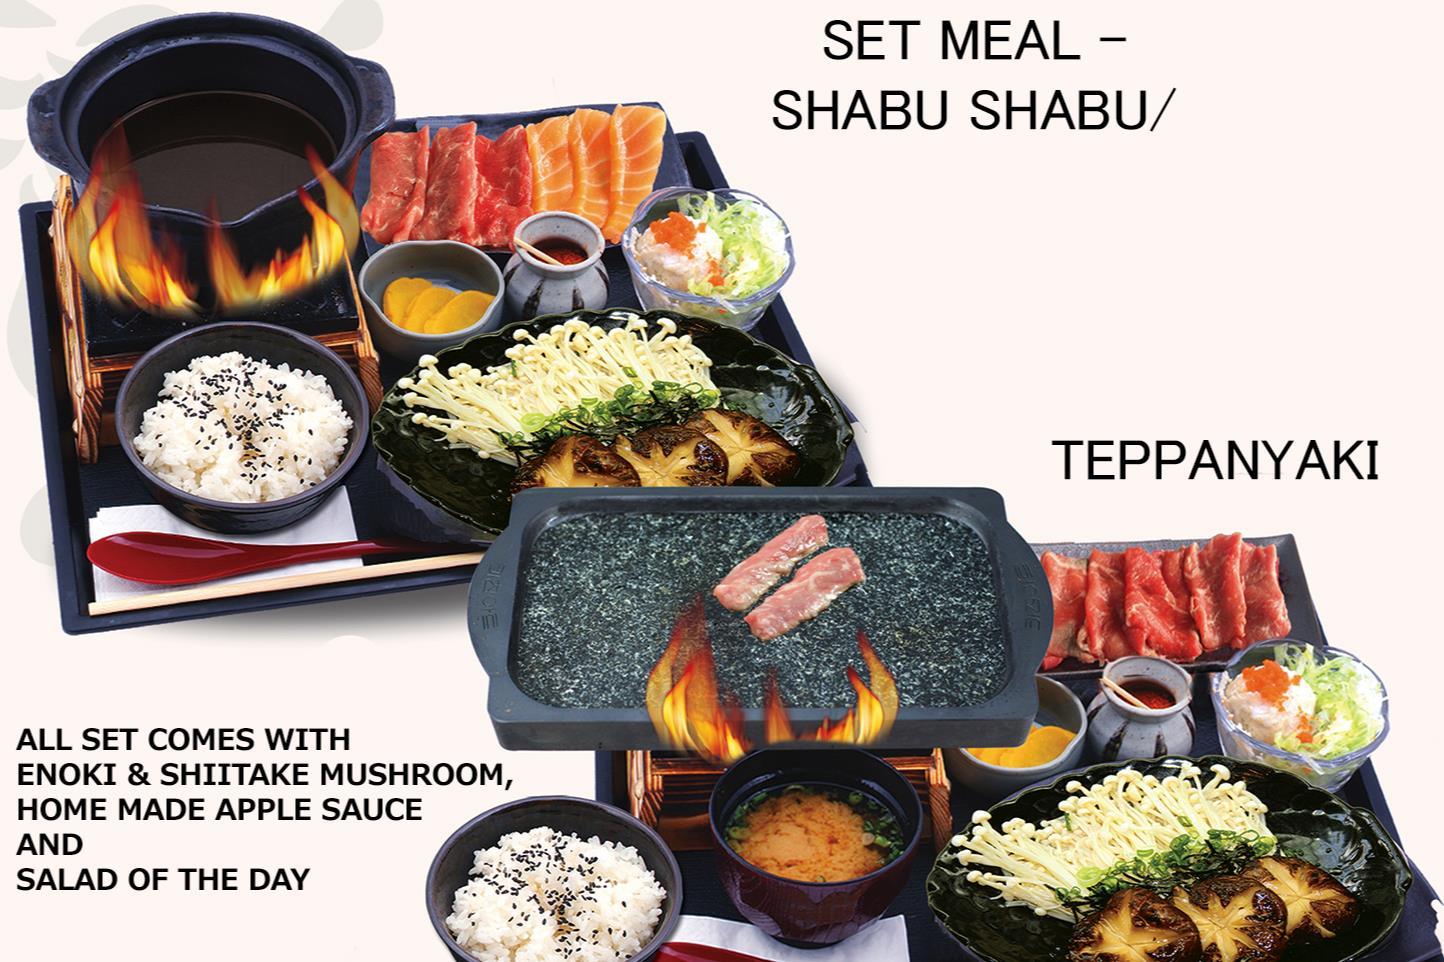 しゃぶしゃぶ /鉄板焼き定食   SHABU-SHABU/ TEPPANYAKI SET MEAL